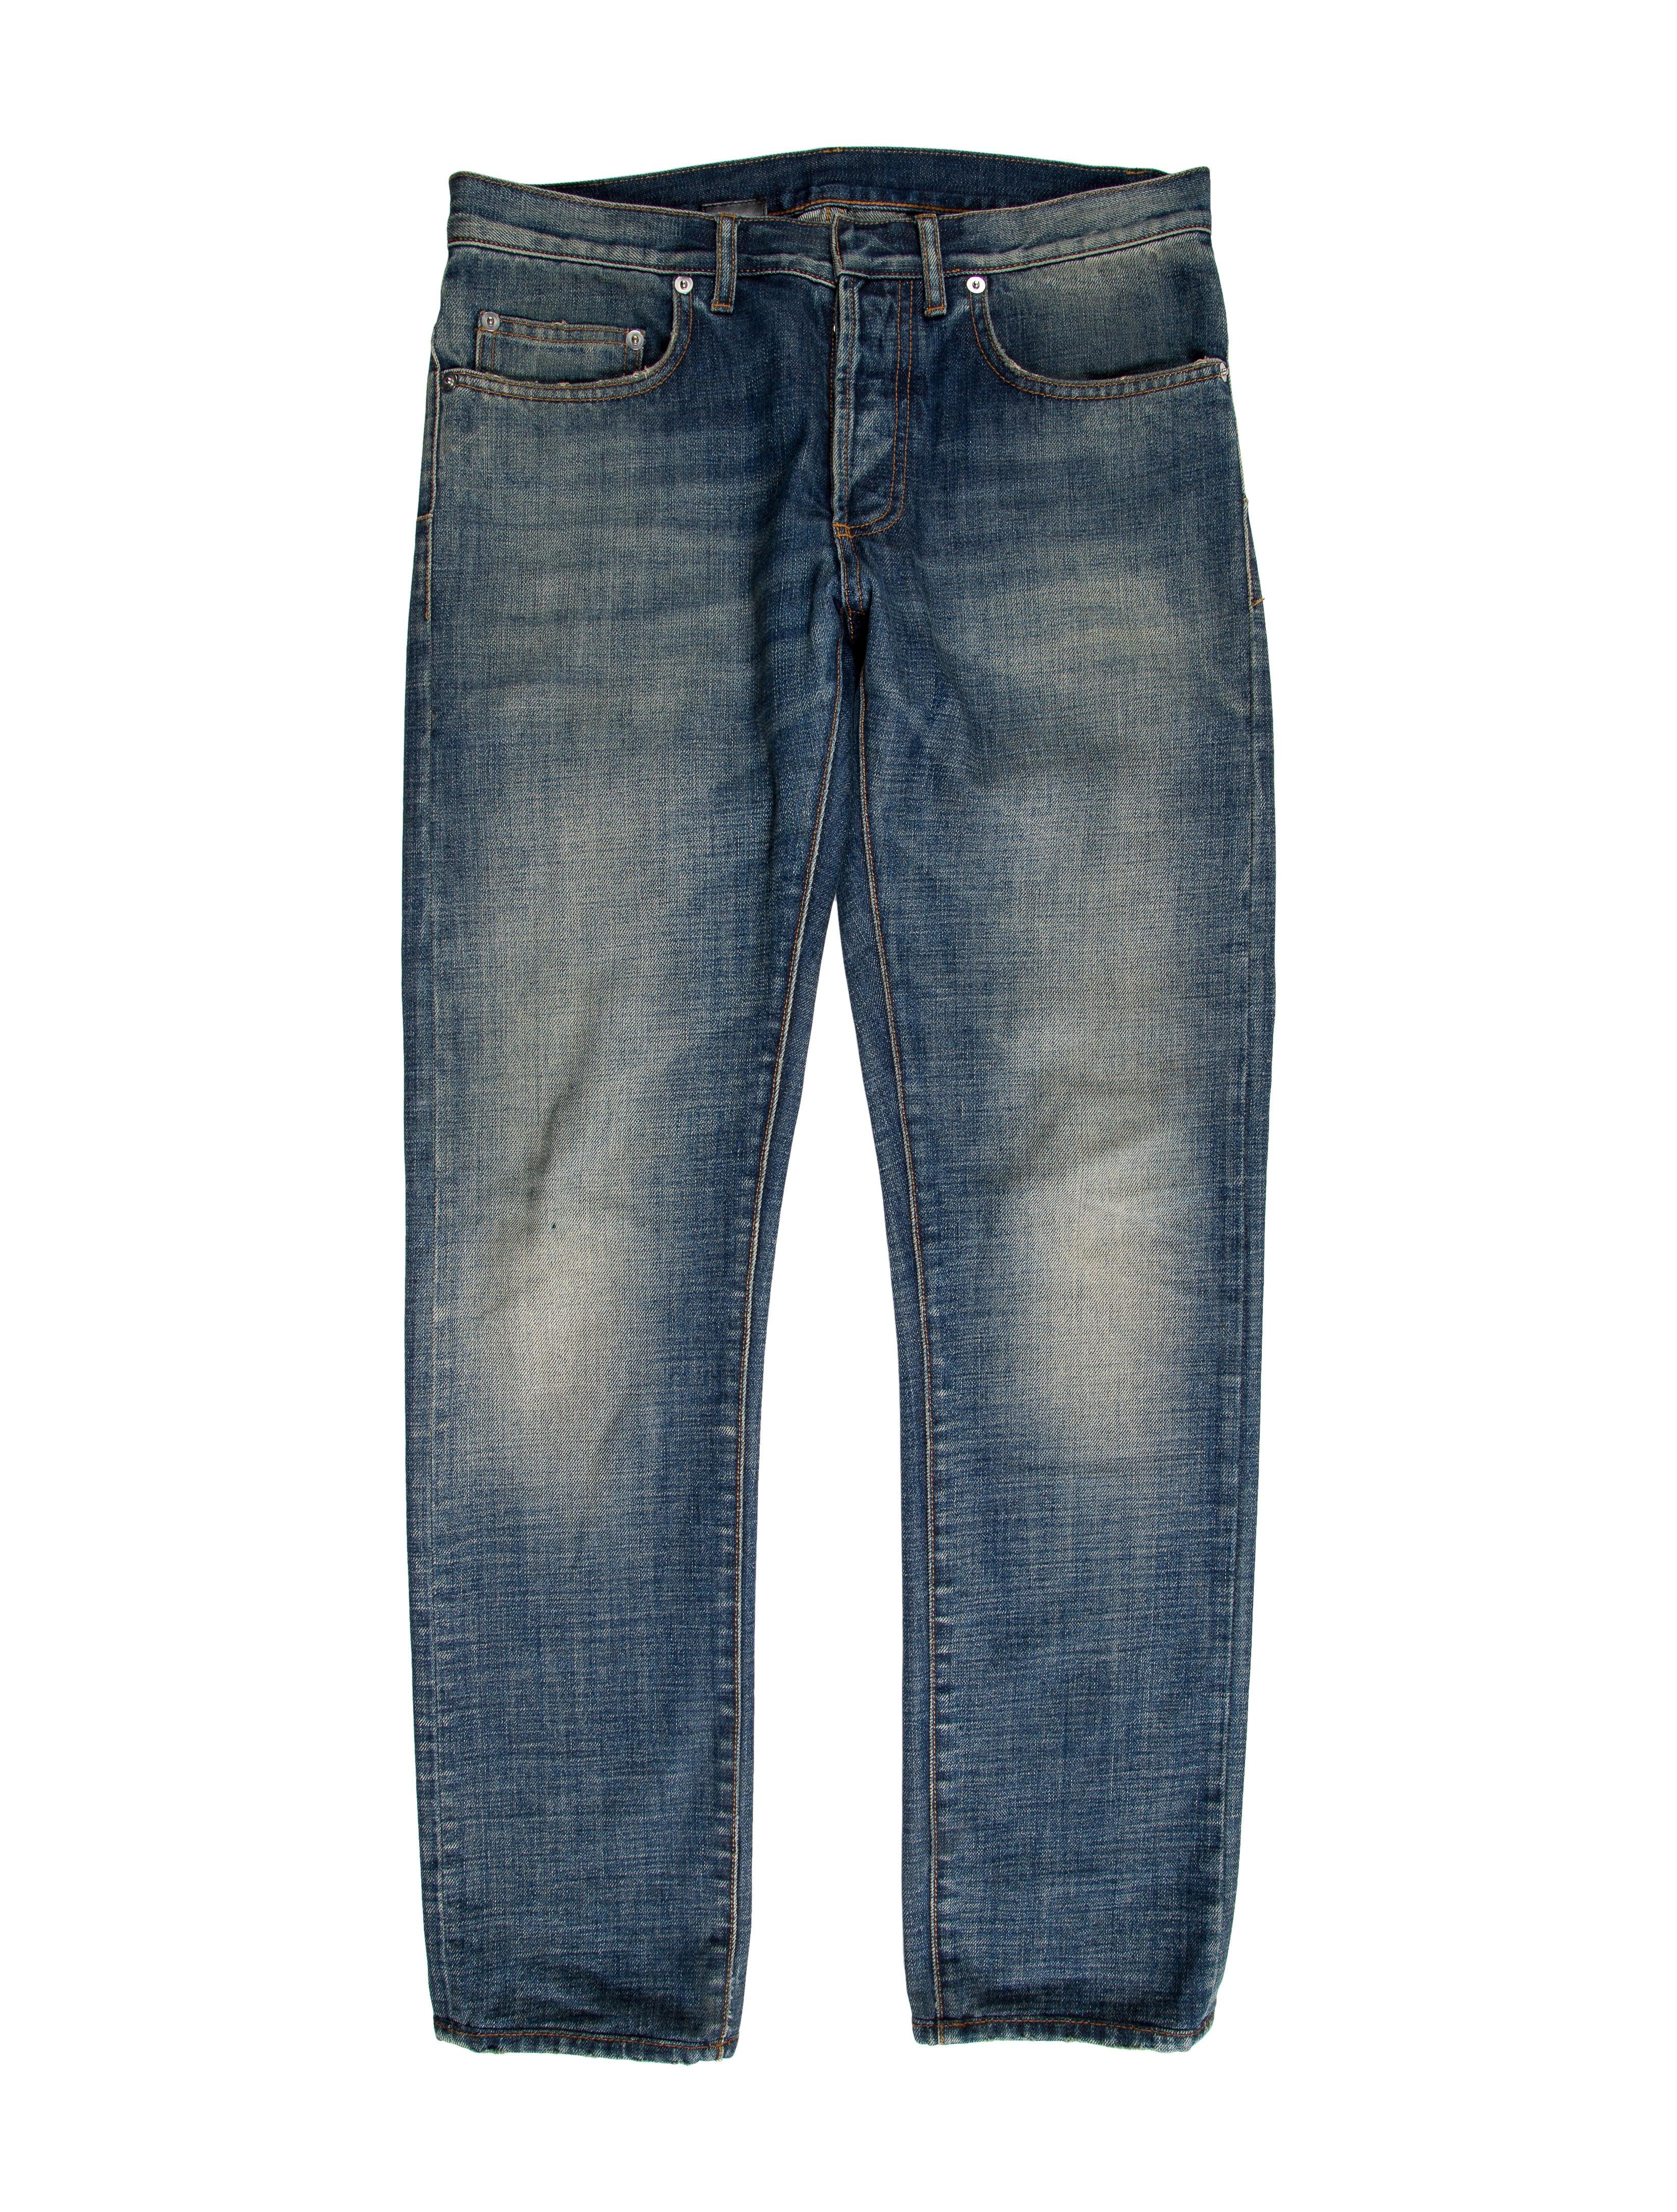 dior homme five pocket skinny jeans clothing hmm22938 the realreal. Black Bedroom Furniture Sets. Home Design Ideas